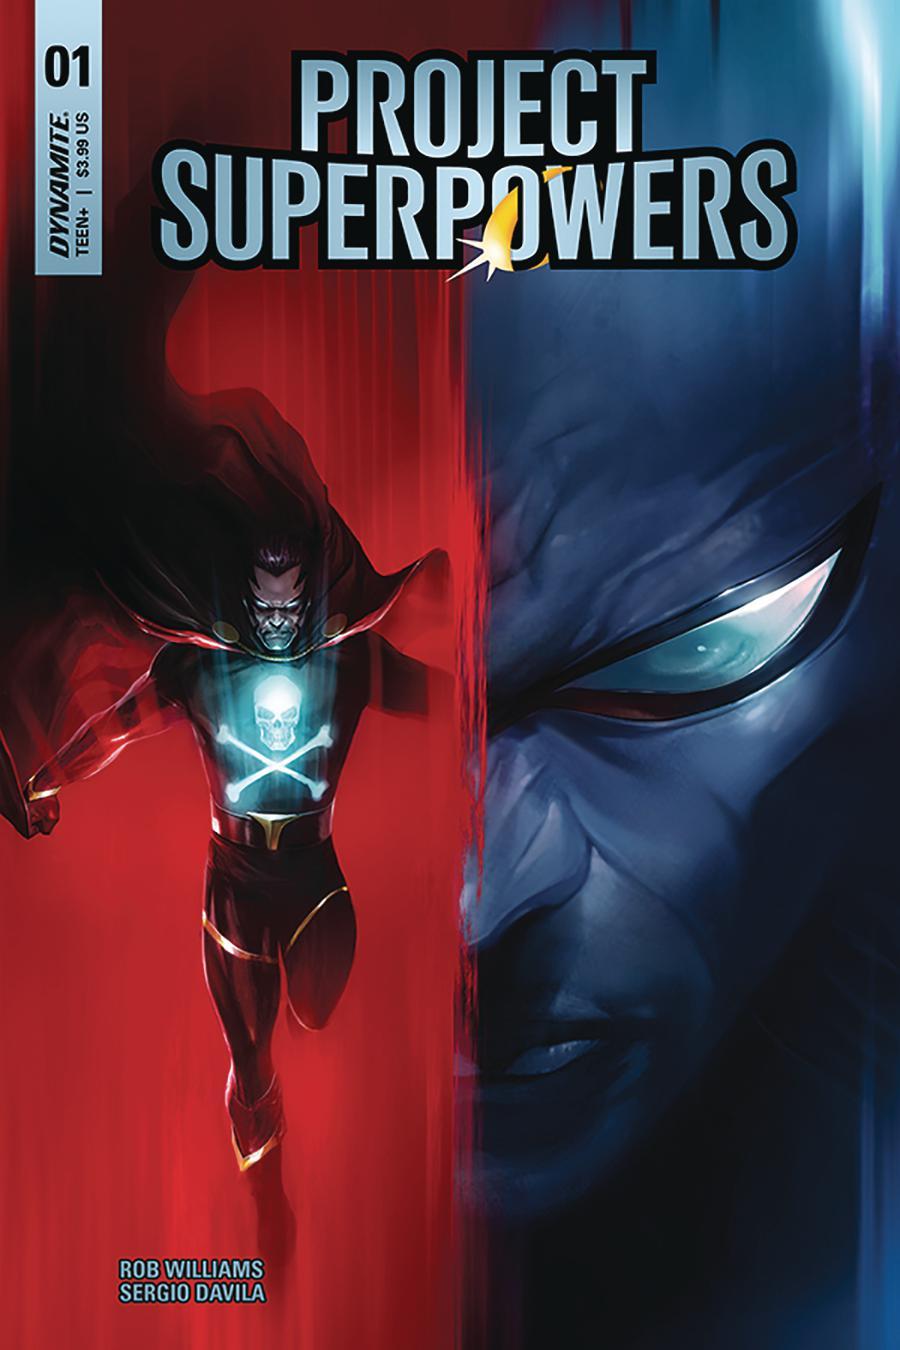 Project Superpowers Vol 3 #1 Cover A Regular Francesco Mattina Cover